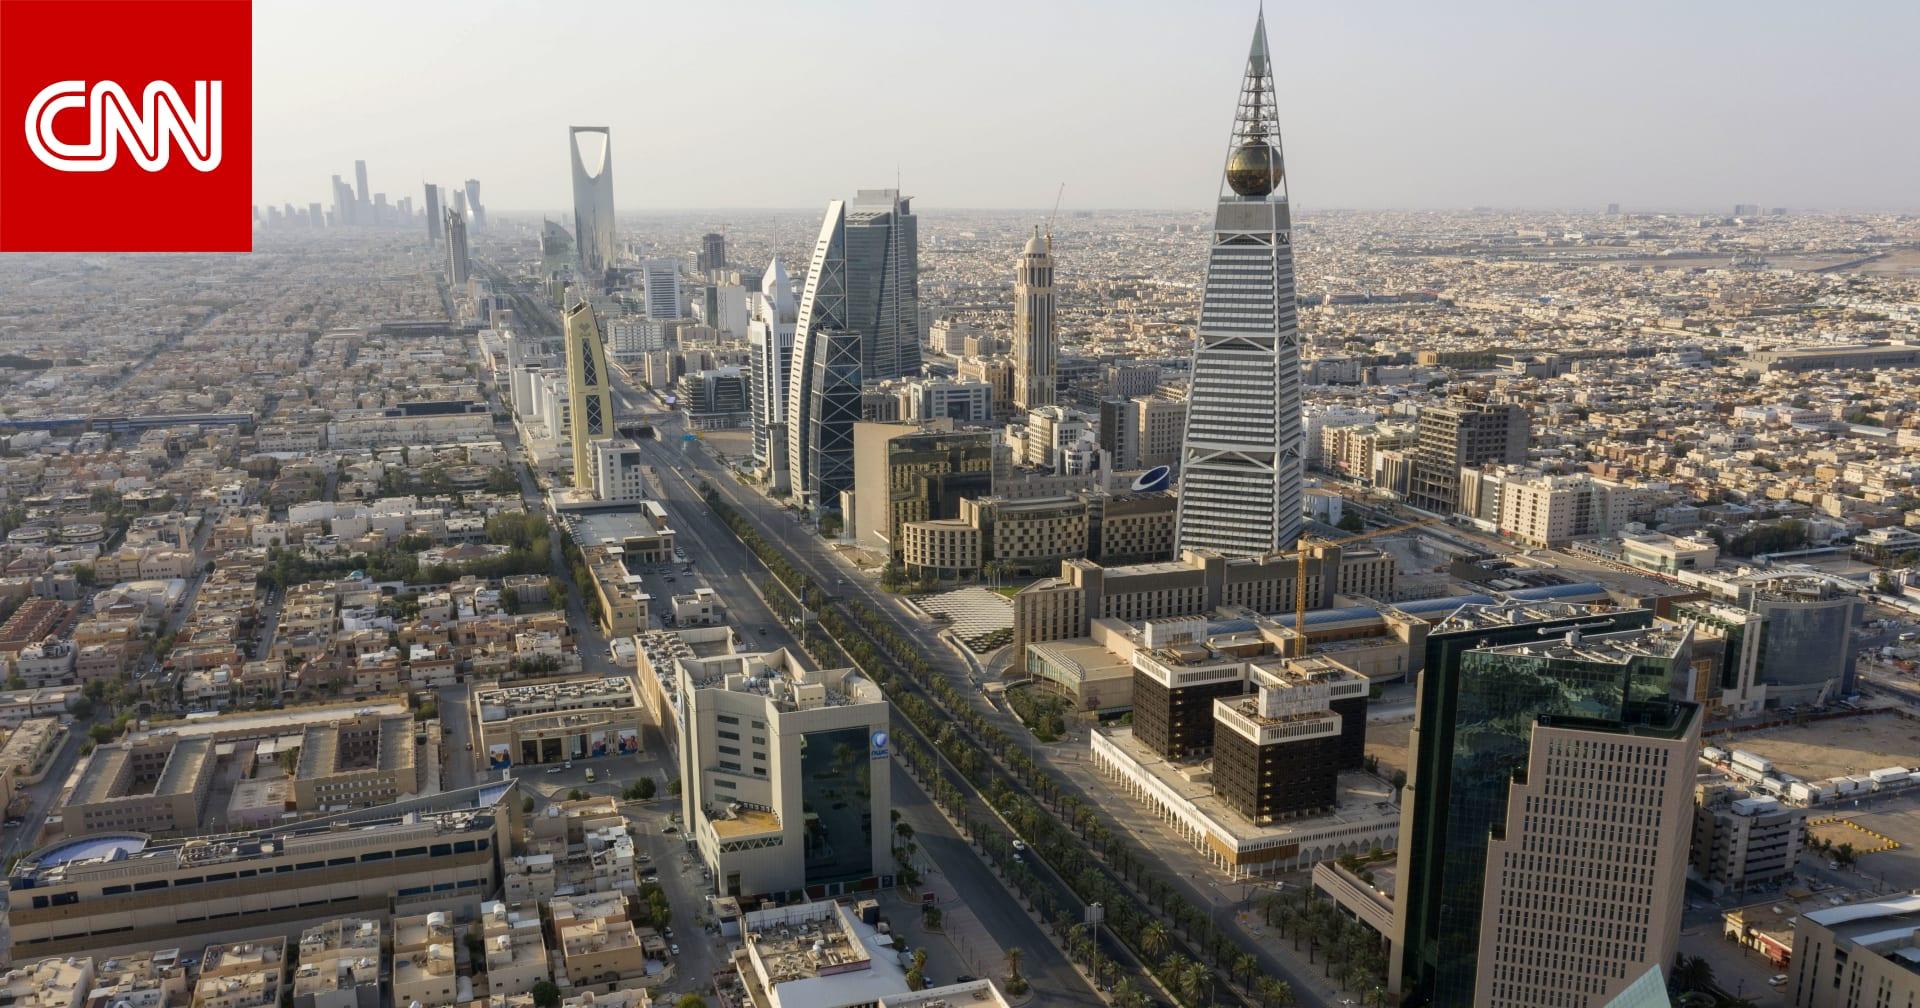 أكاديمي إماراتي عن قرار السعودية بشأن مقار الشركات الأجنبية: مليون أهلا بالمنافسة